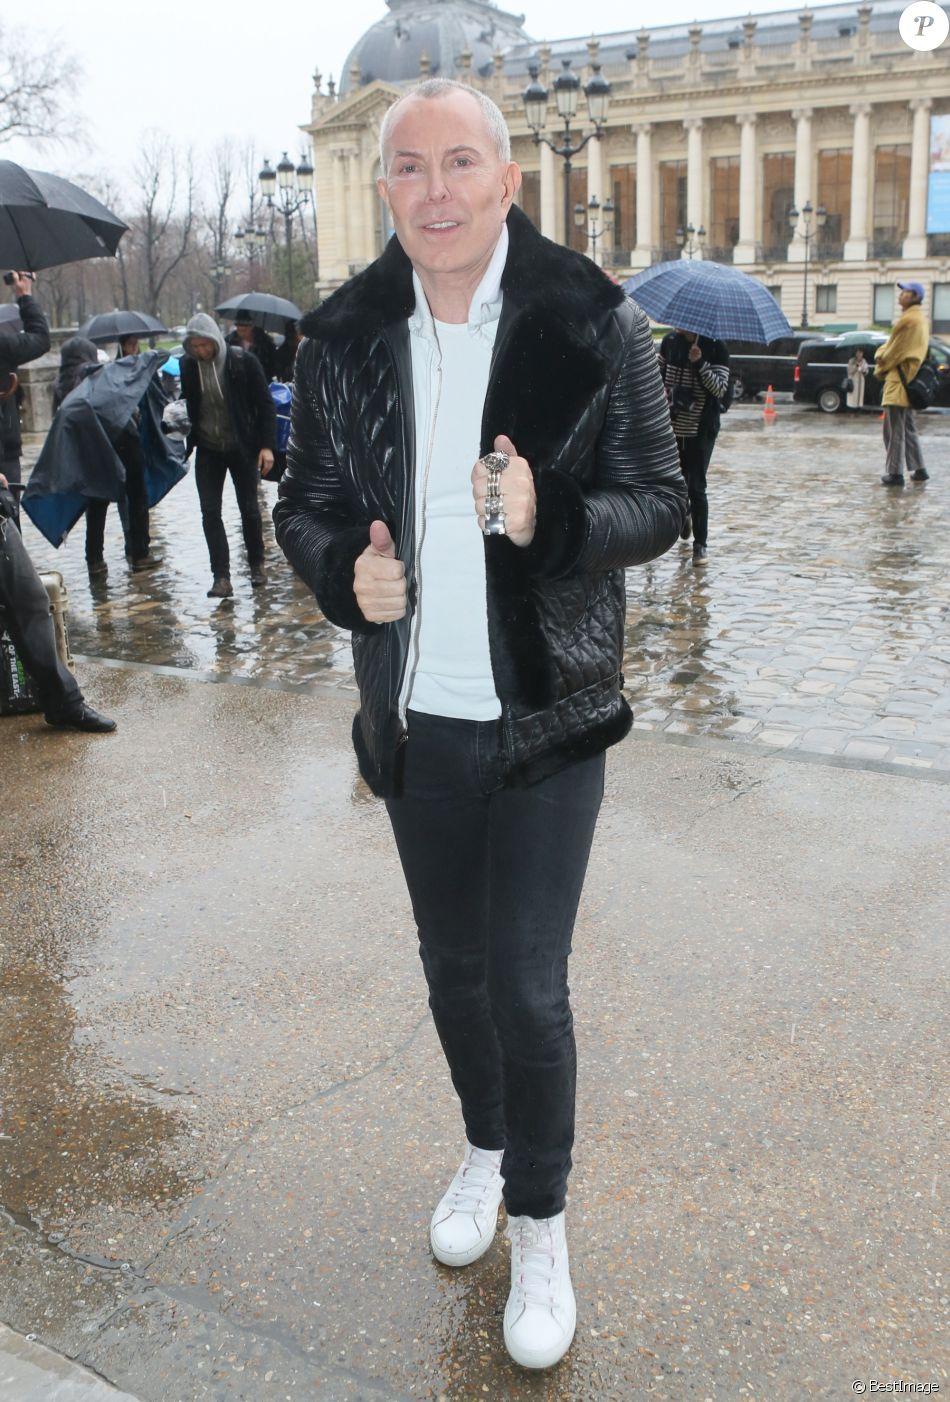 Exclusif , Jean,Claude Jitrois arrive au défilé de mode prêt,à,porter  automne,hiver 2017/2018 Léonard au Grand Palais à Paris. Le 6 mars 2017.